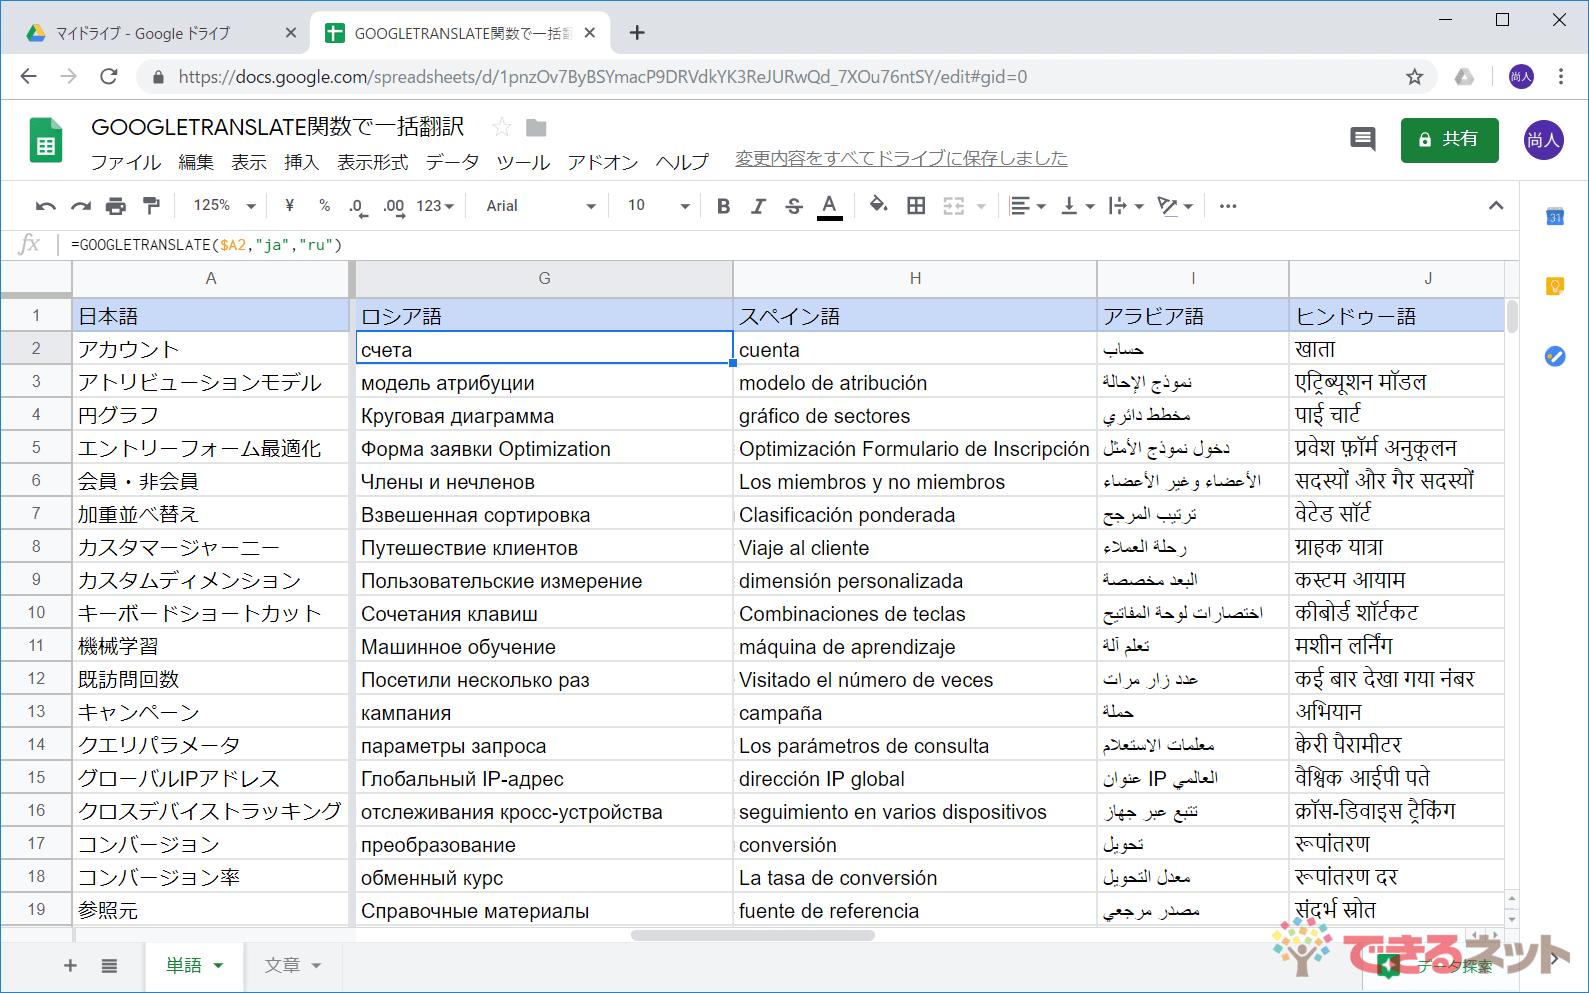 関数で翻訳!? GOOGLETRANSLATE関数を使えば日本語のテキストをまとめて英語にできる